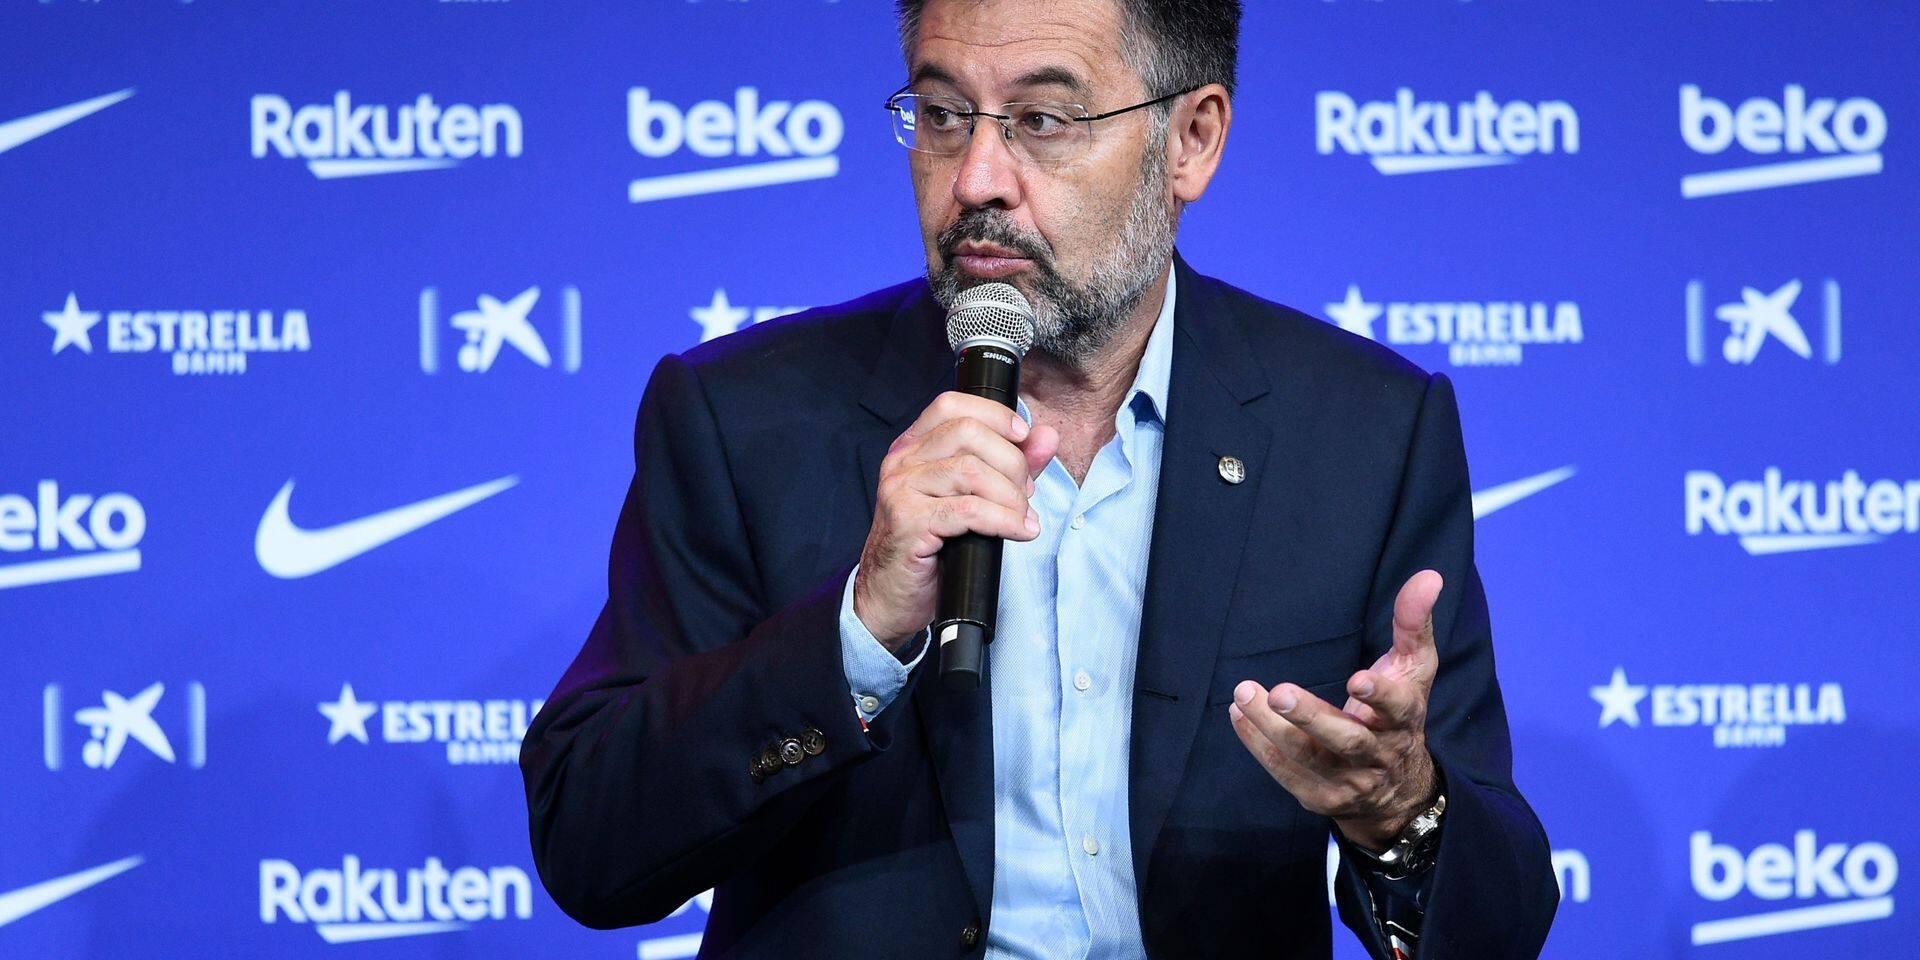 Après Lionel Messi, un candidat à la présidence du Barça défie Bartomeu avec une motion de censure